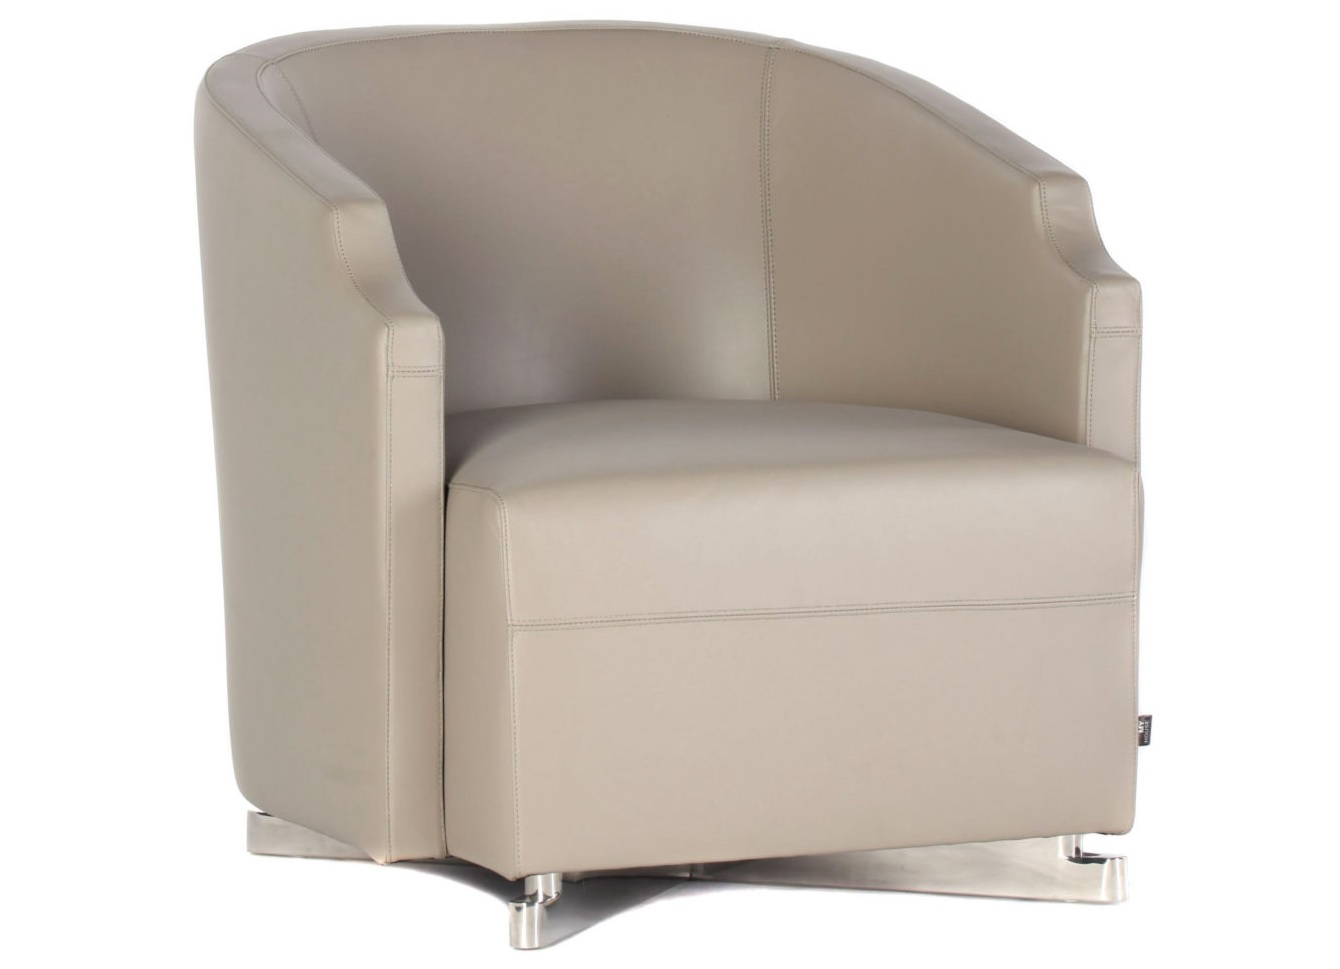 Кресло Arma creamКожаные кресла<br><br><br>Material: Кожа<br>Ширина см: 67<br>Высота см: 72<br>Глубина см: 80